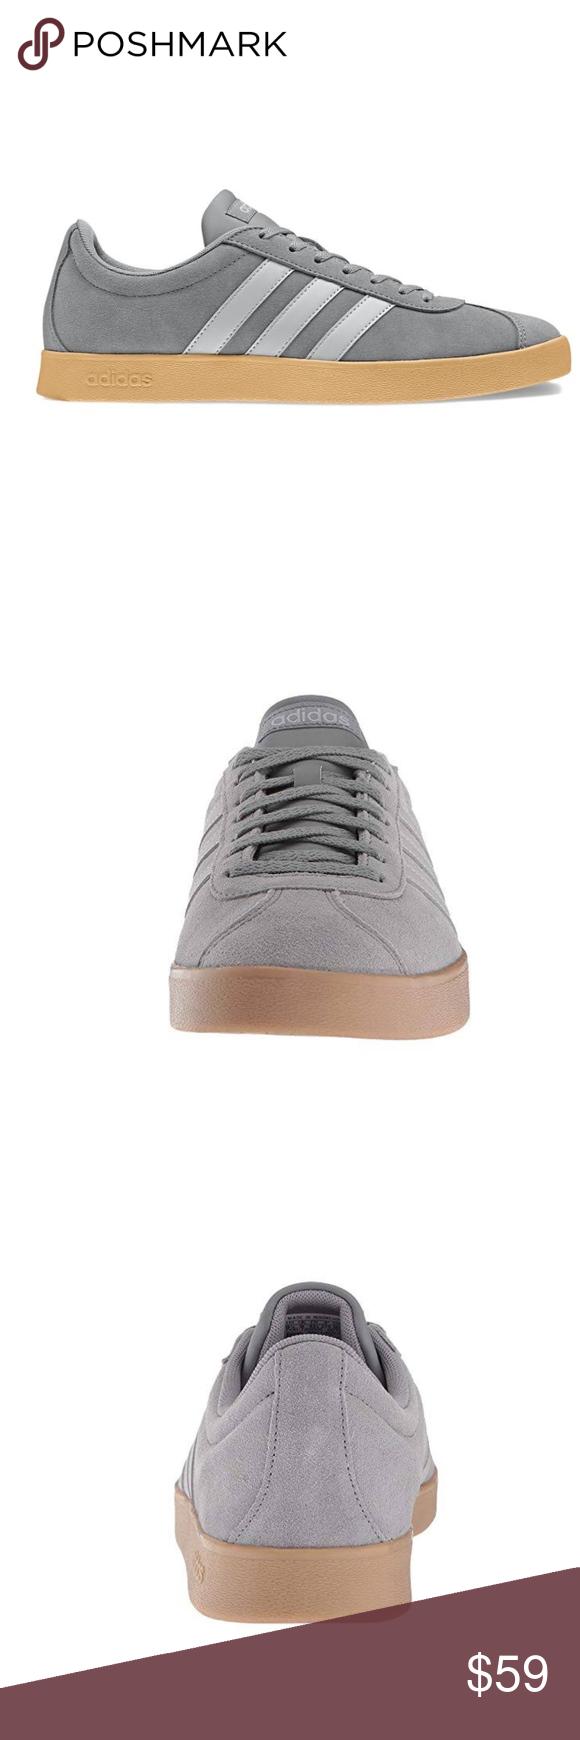 adidas tf tf tf cour.entraîneur, les hommes adultes, sz nous | ma boutique 5bf4a6